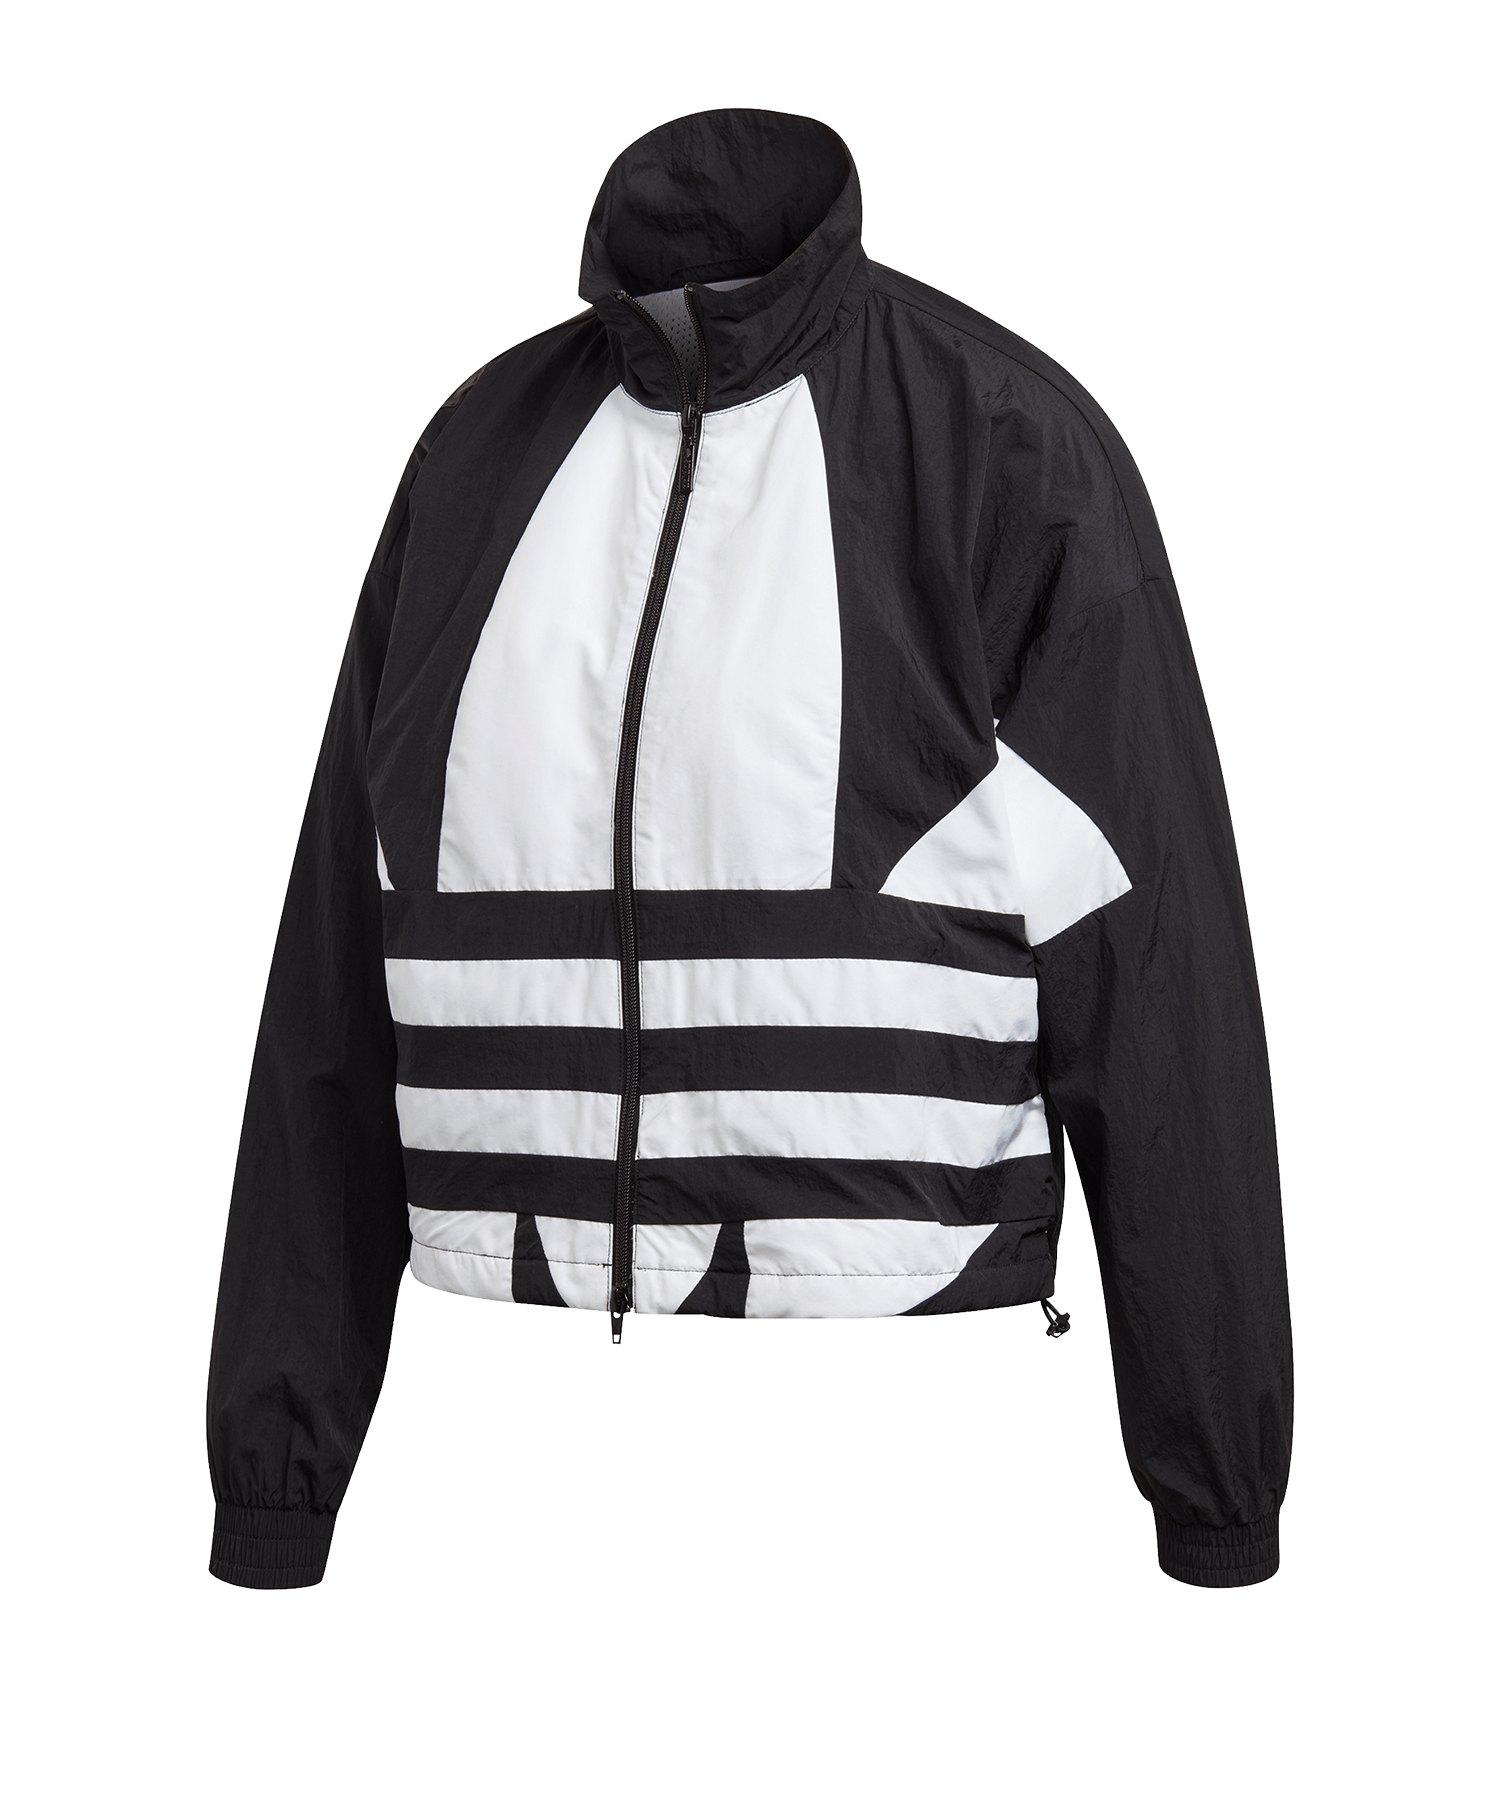 adidas sweatshirt damen schwarz mit logo an der seite